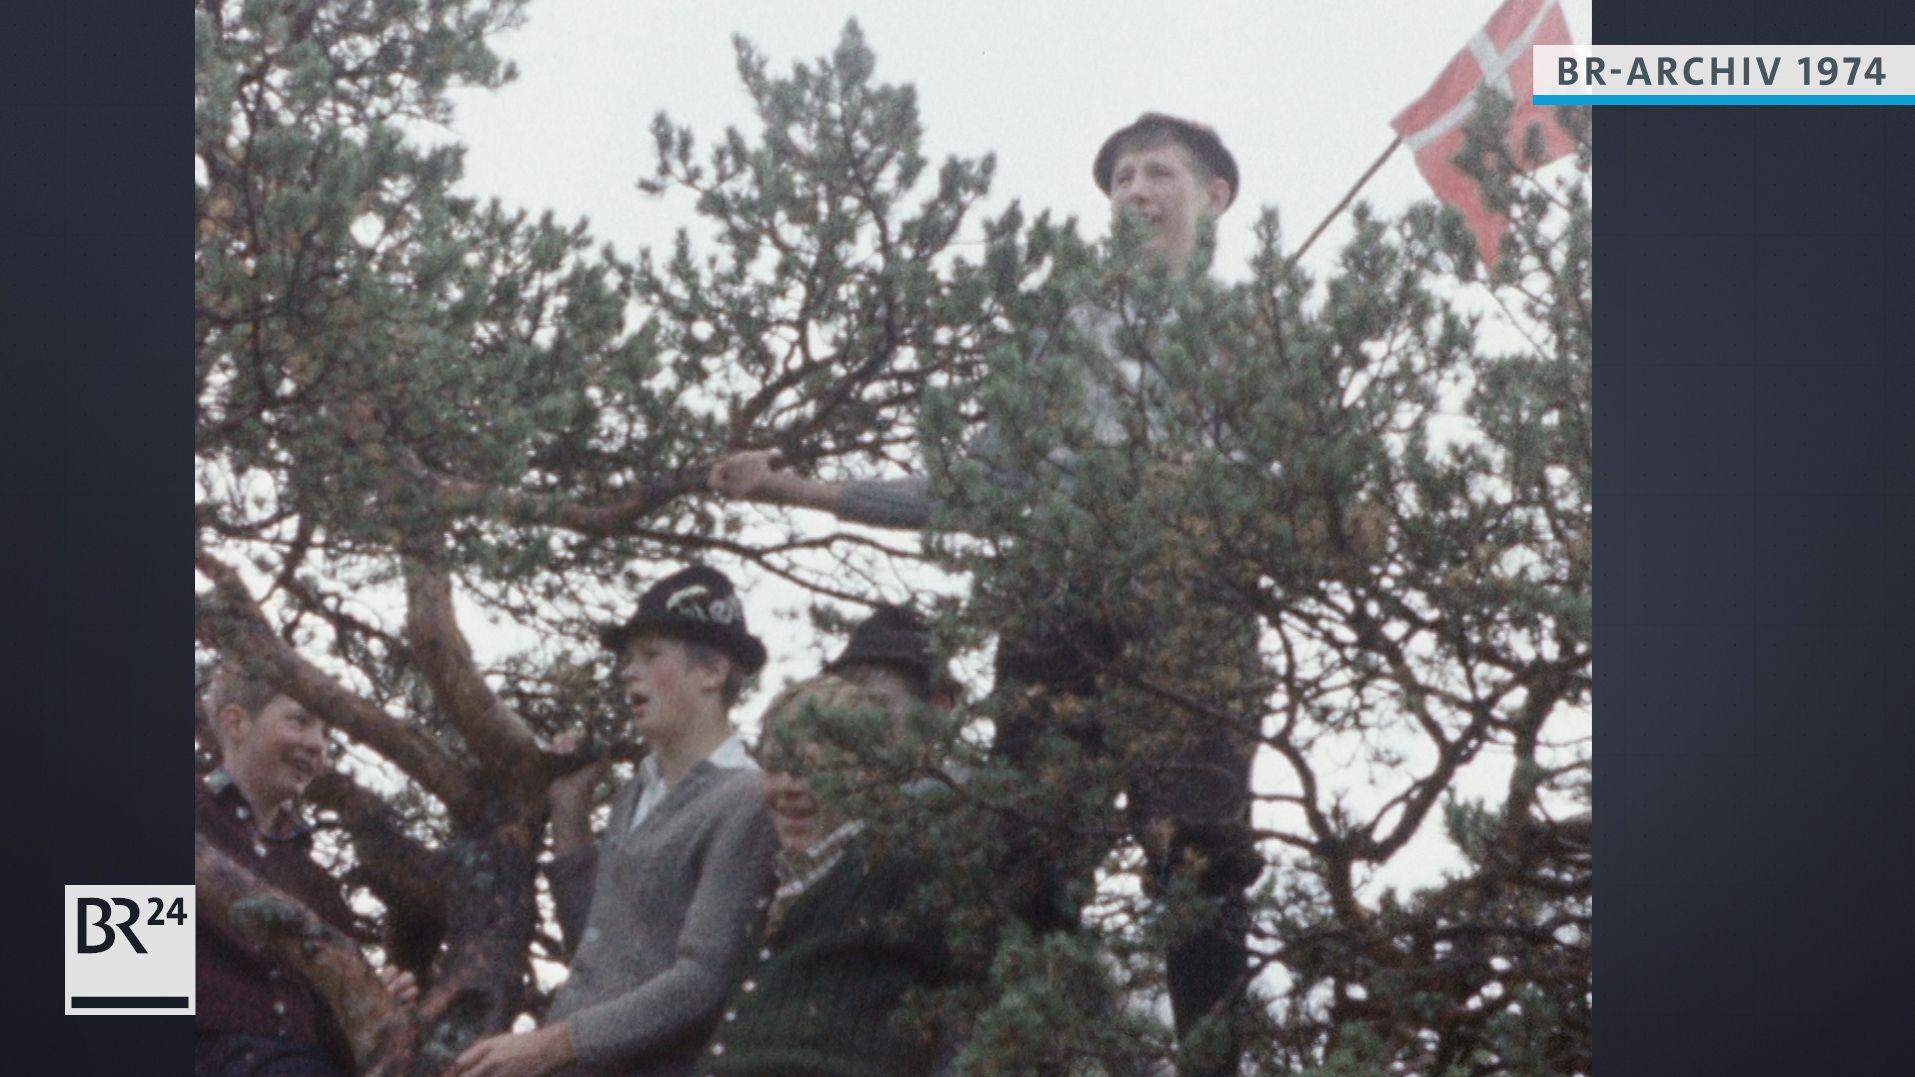 Jungen stehen auf einem Baum